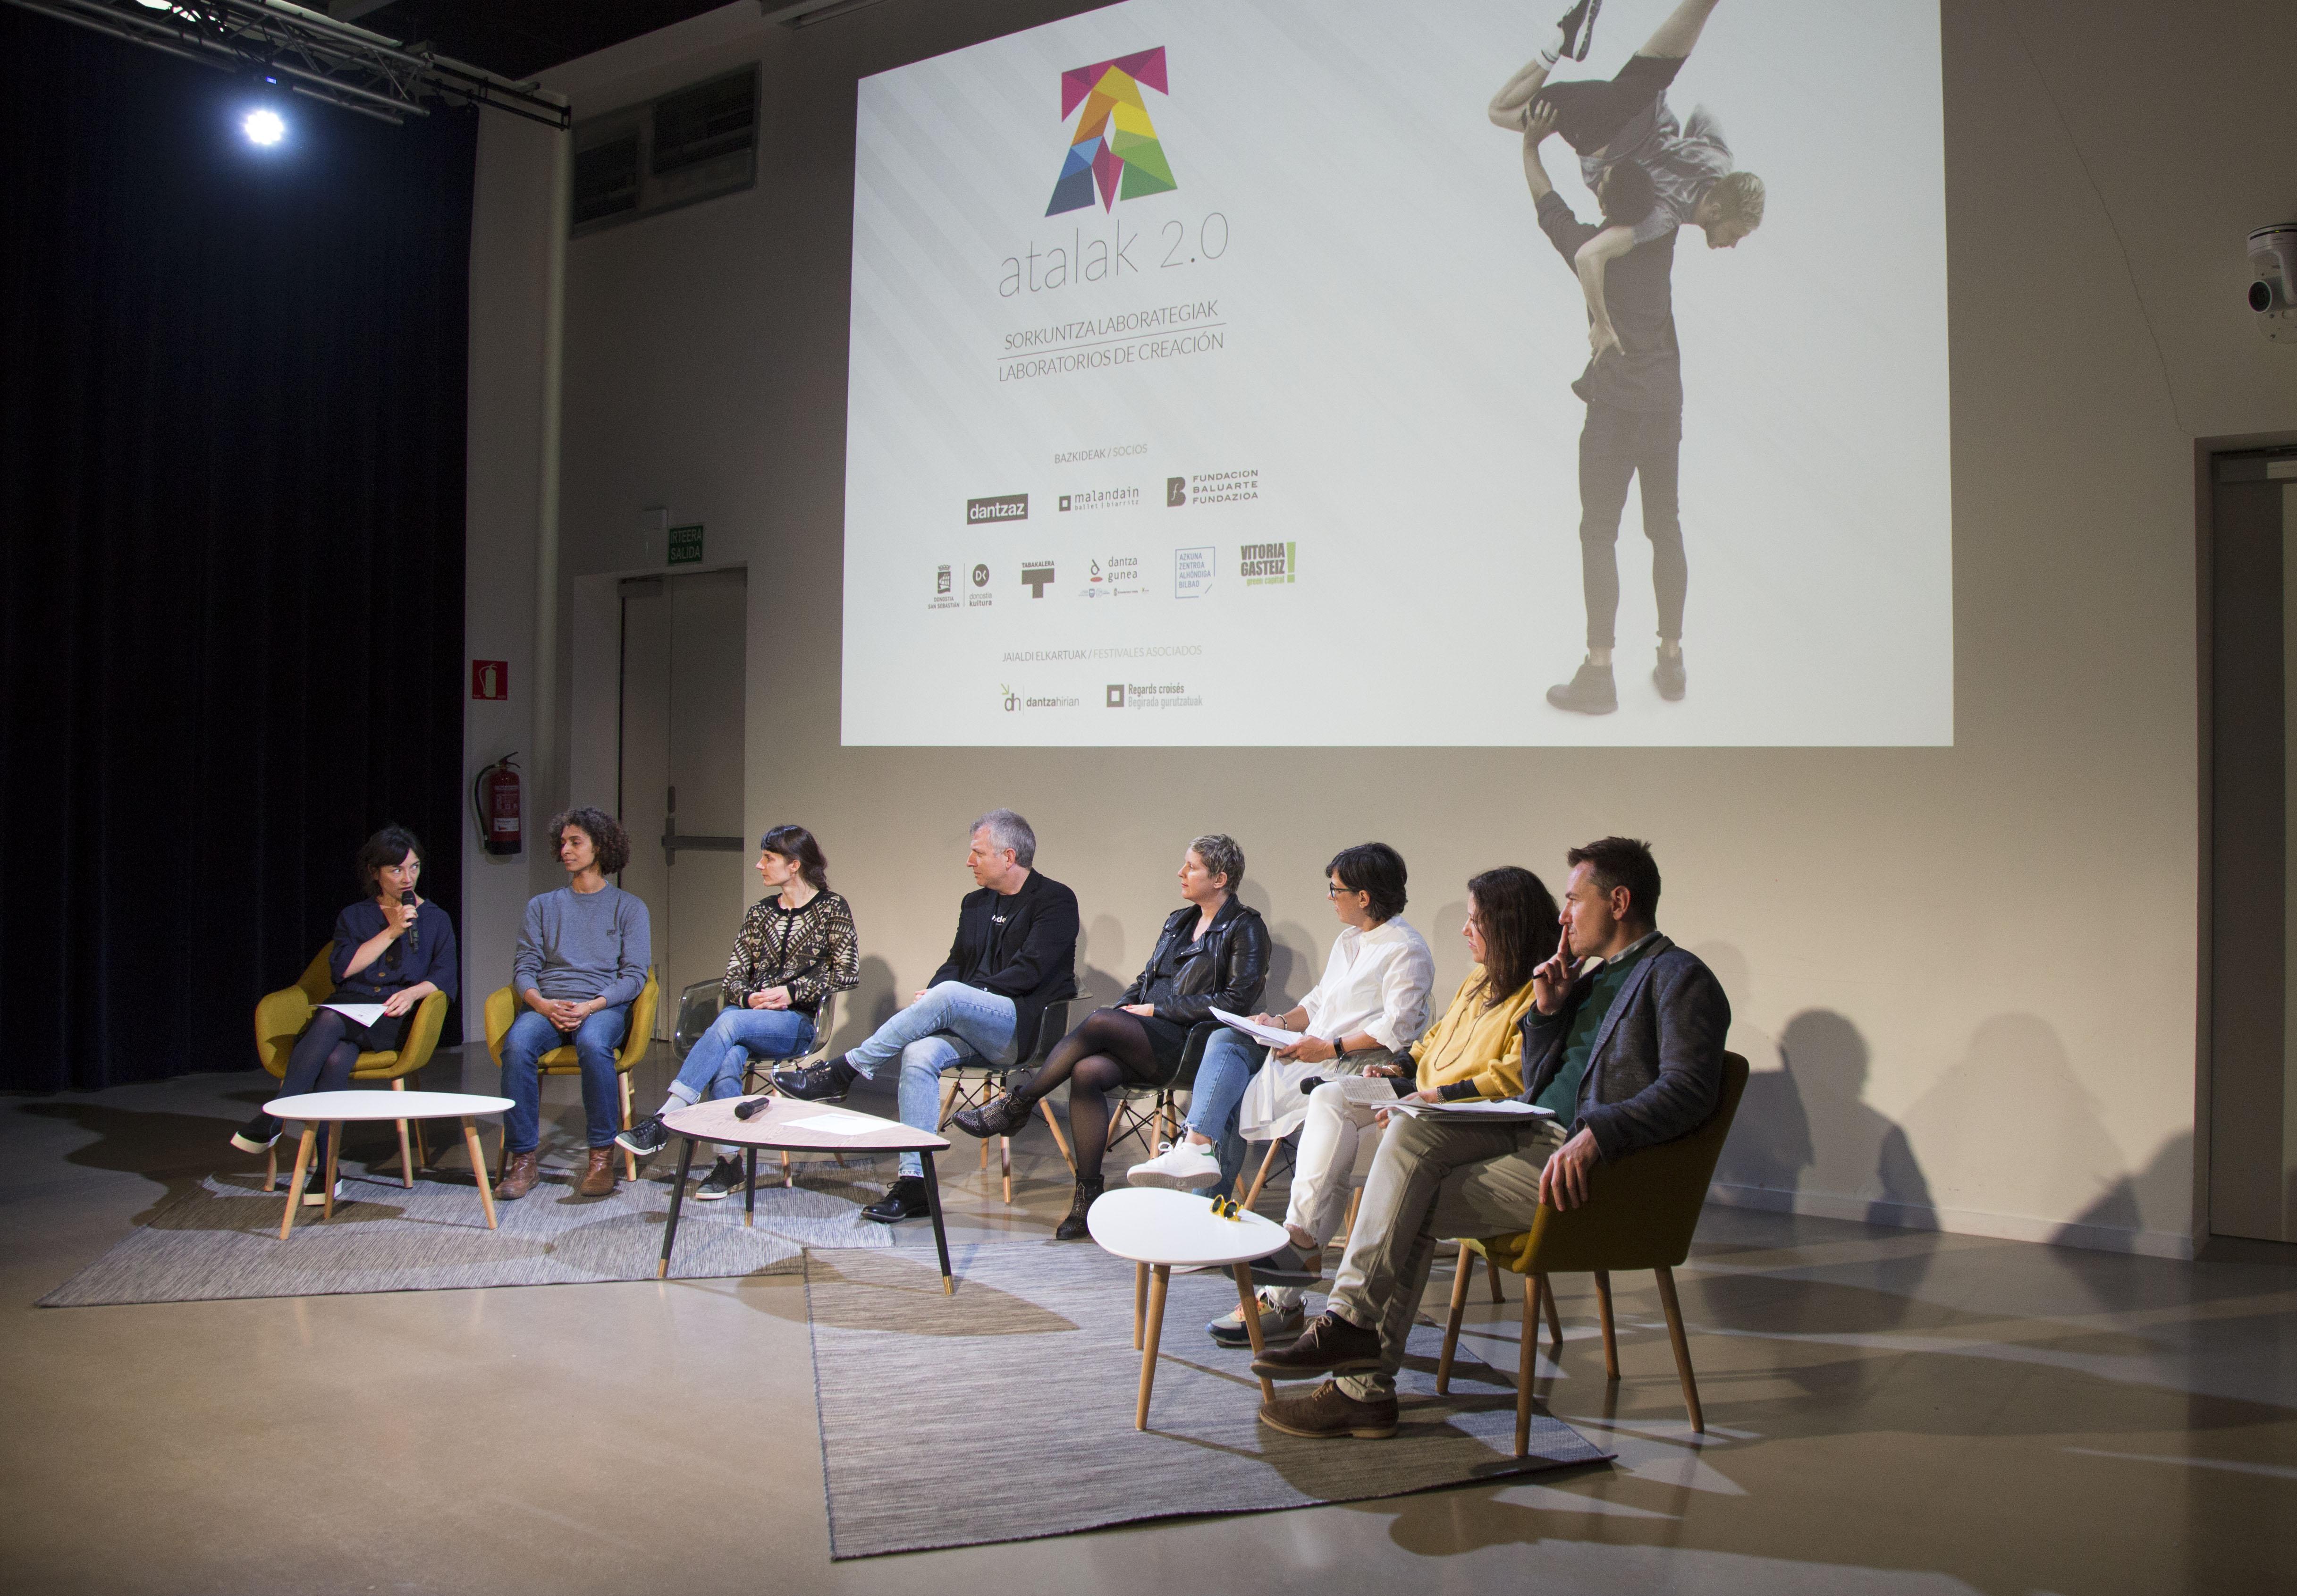 Myriam Perez Cazabon, Larrua proiektua eta Martxel Rodriguez izango dira aurtengo Atalak 2.0 proiektuan